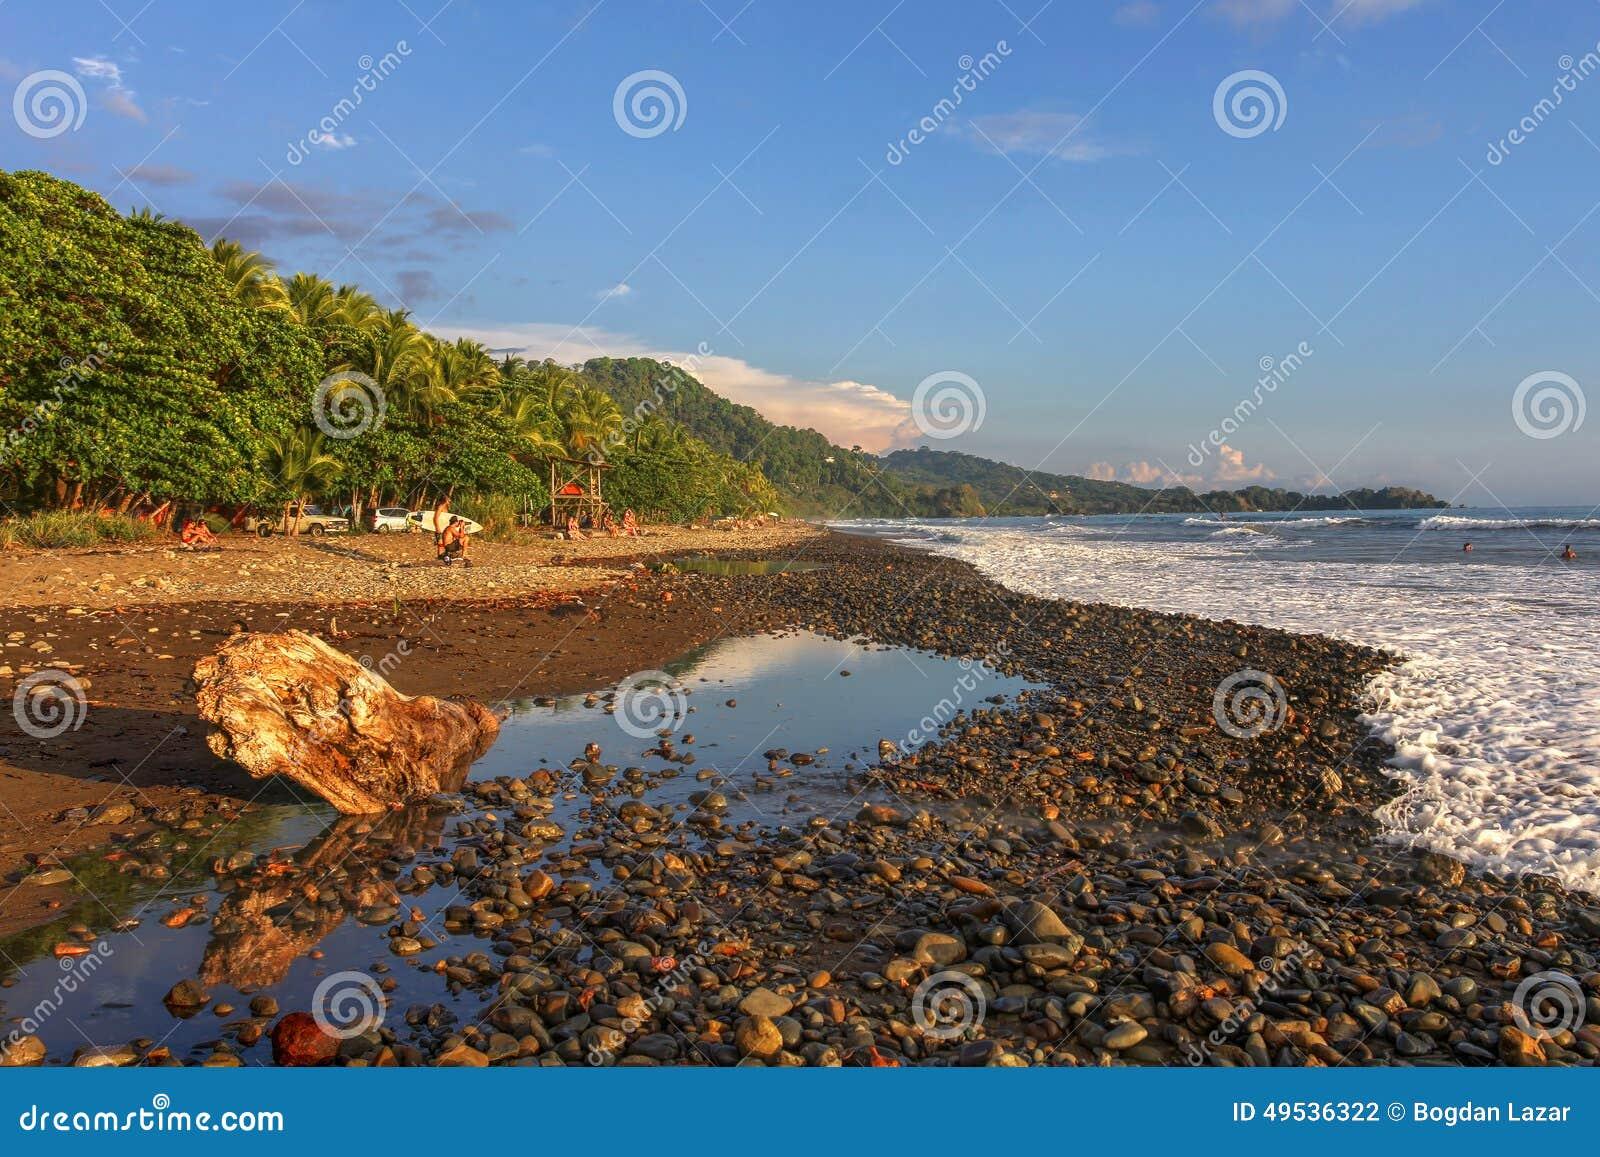 Κυριακή παραλία, Κόστα Ρίκα